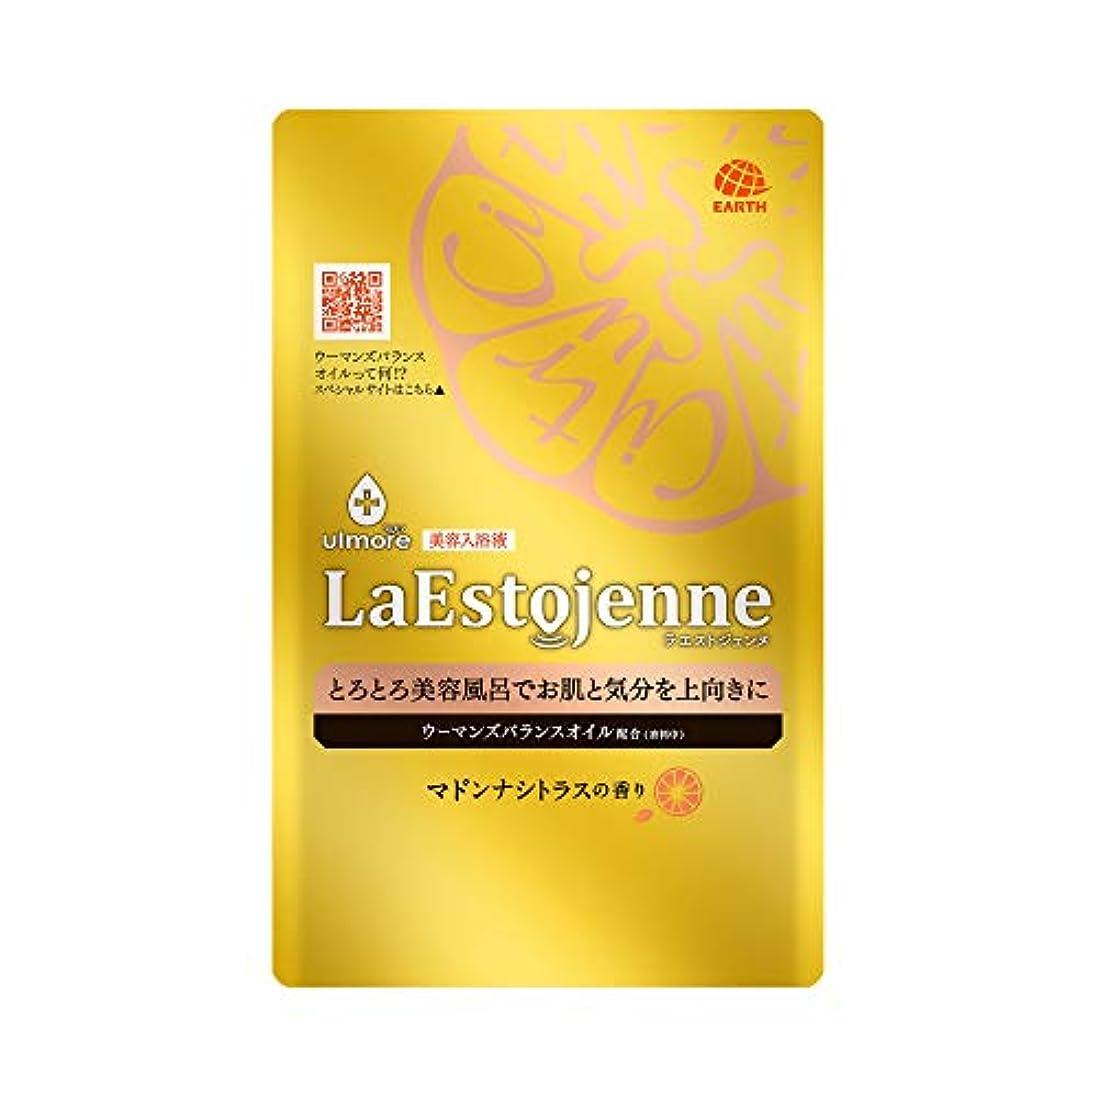 年次悪いマインドフルウルモア ラエストジェンヌ 入浴剤 マドンナシトラスの香り [160ml x 1包入り]